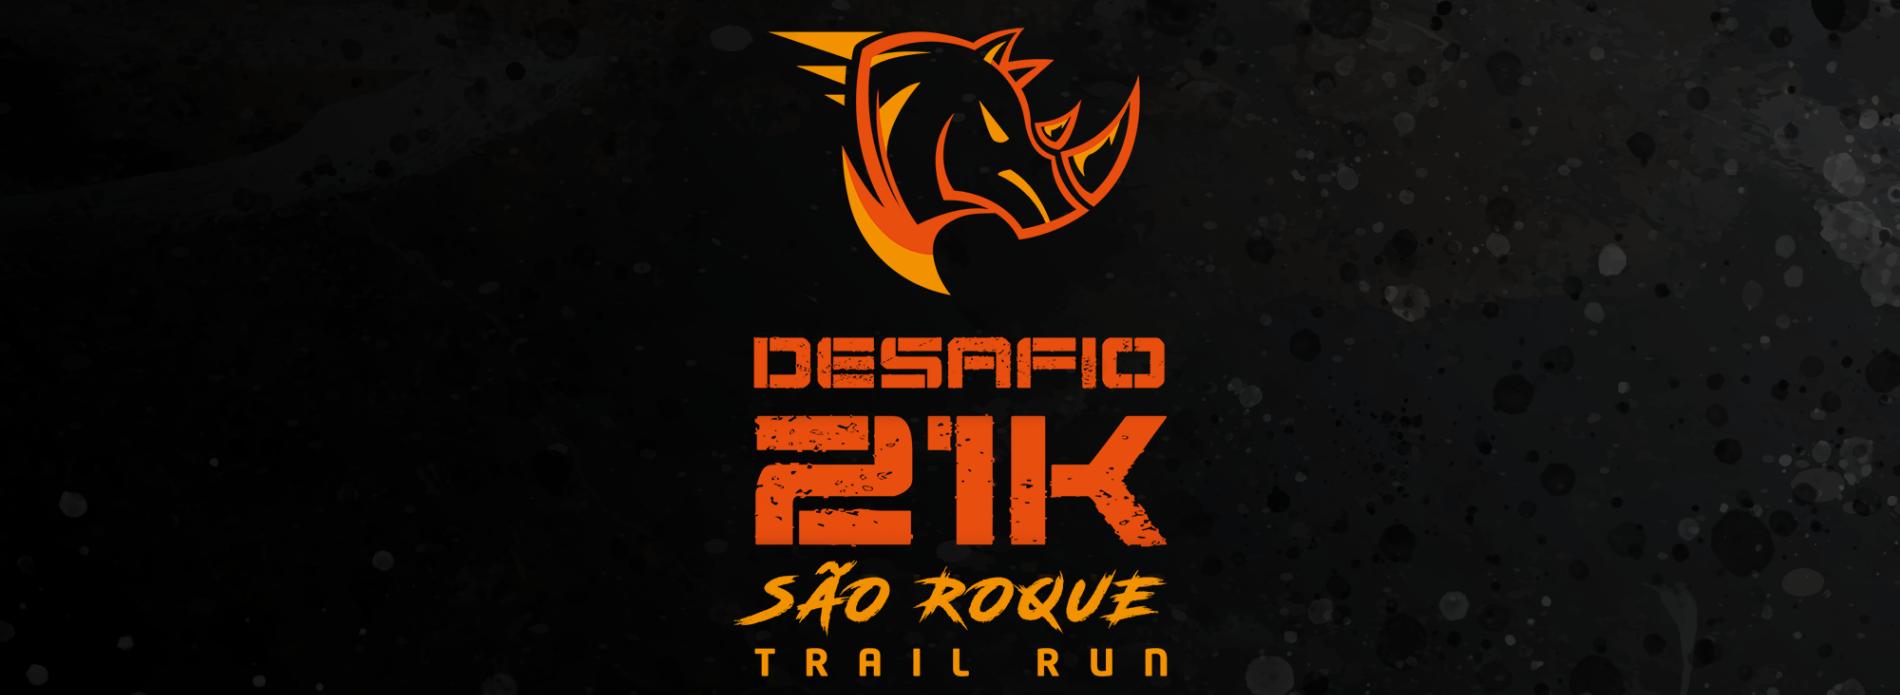 DESAFIO 21K SÃO ROQUE TRAIL RUN - Imagem de topo